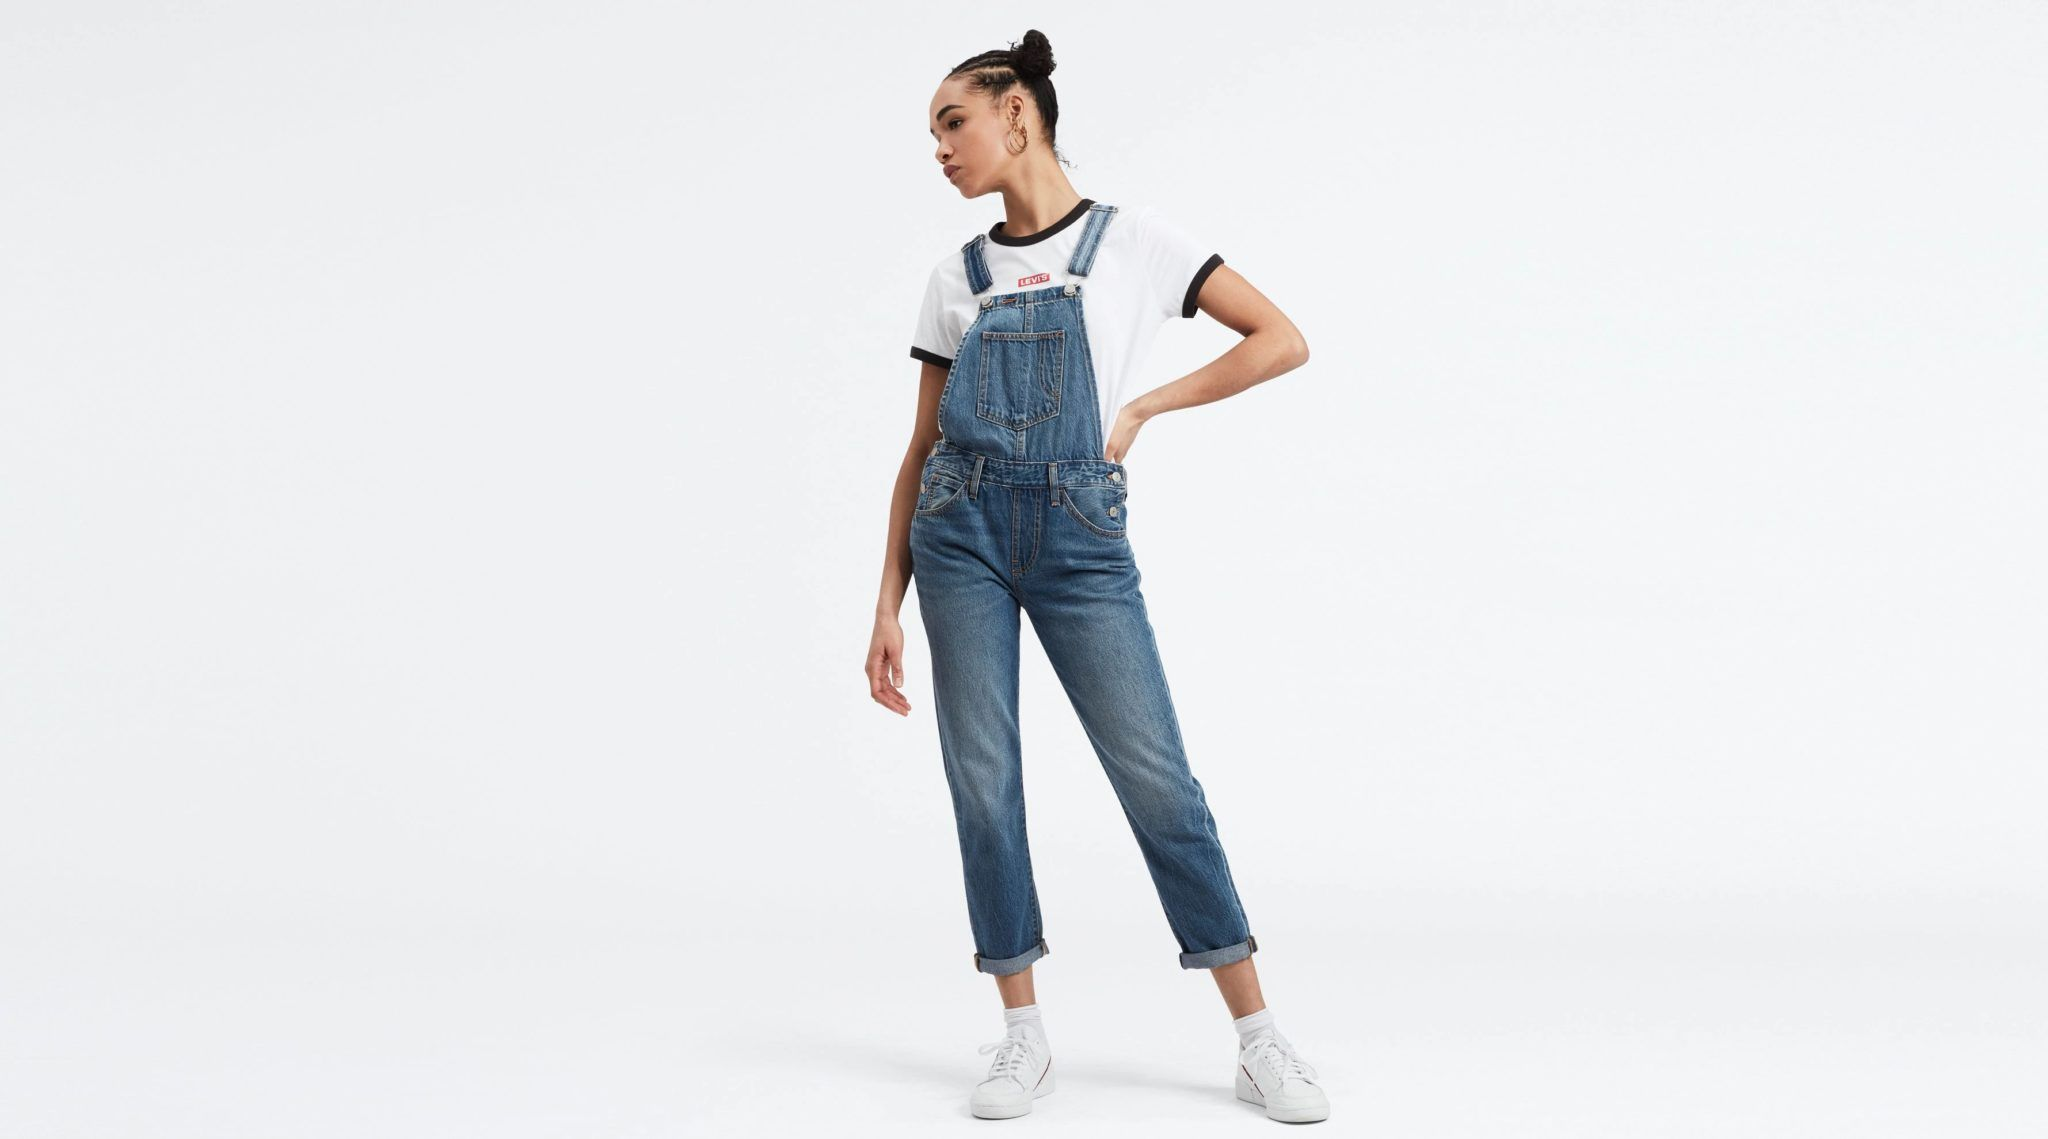 Młoda kobieta ubrana w jeansowe ogrodniczki, stojąca na białym tle